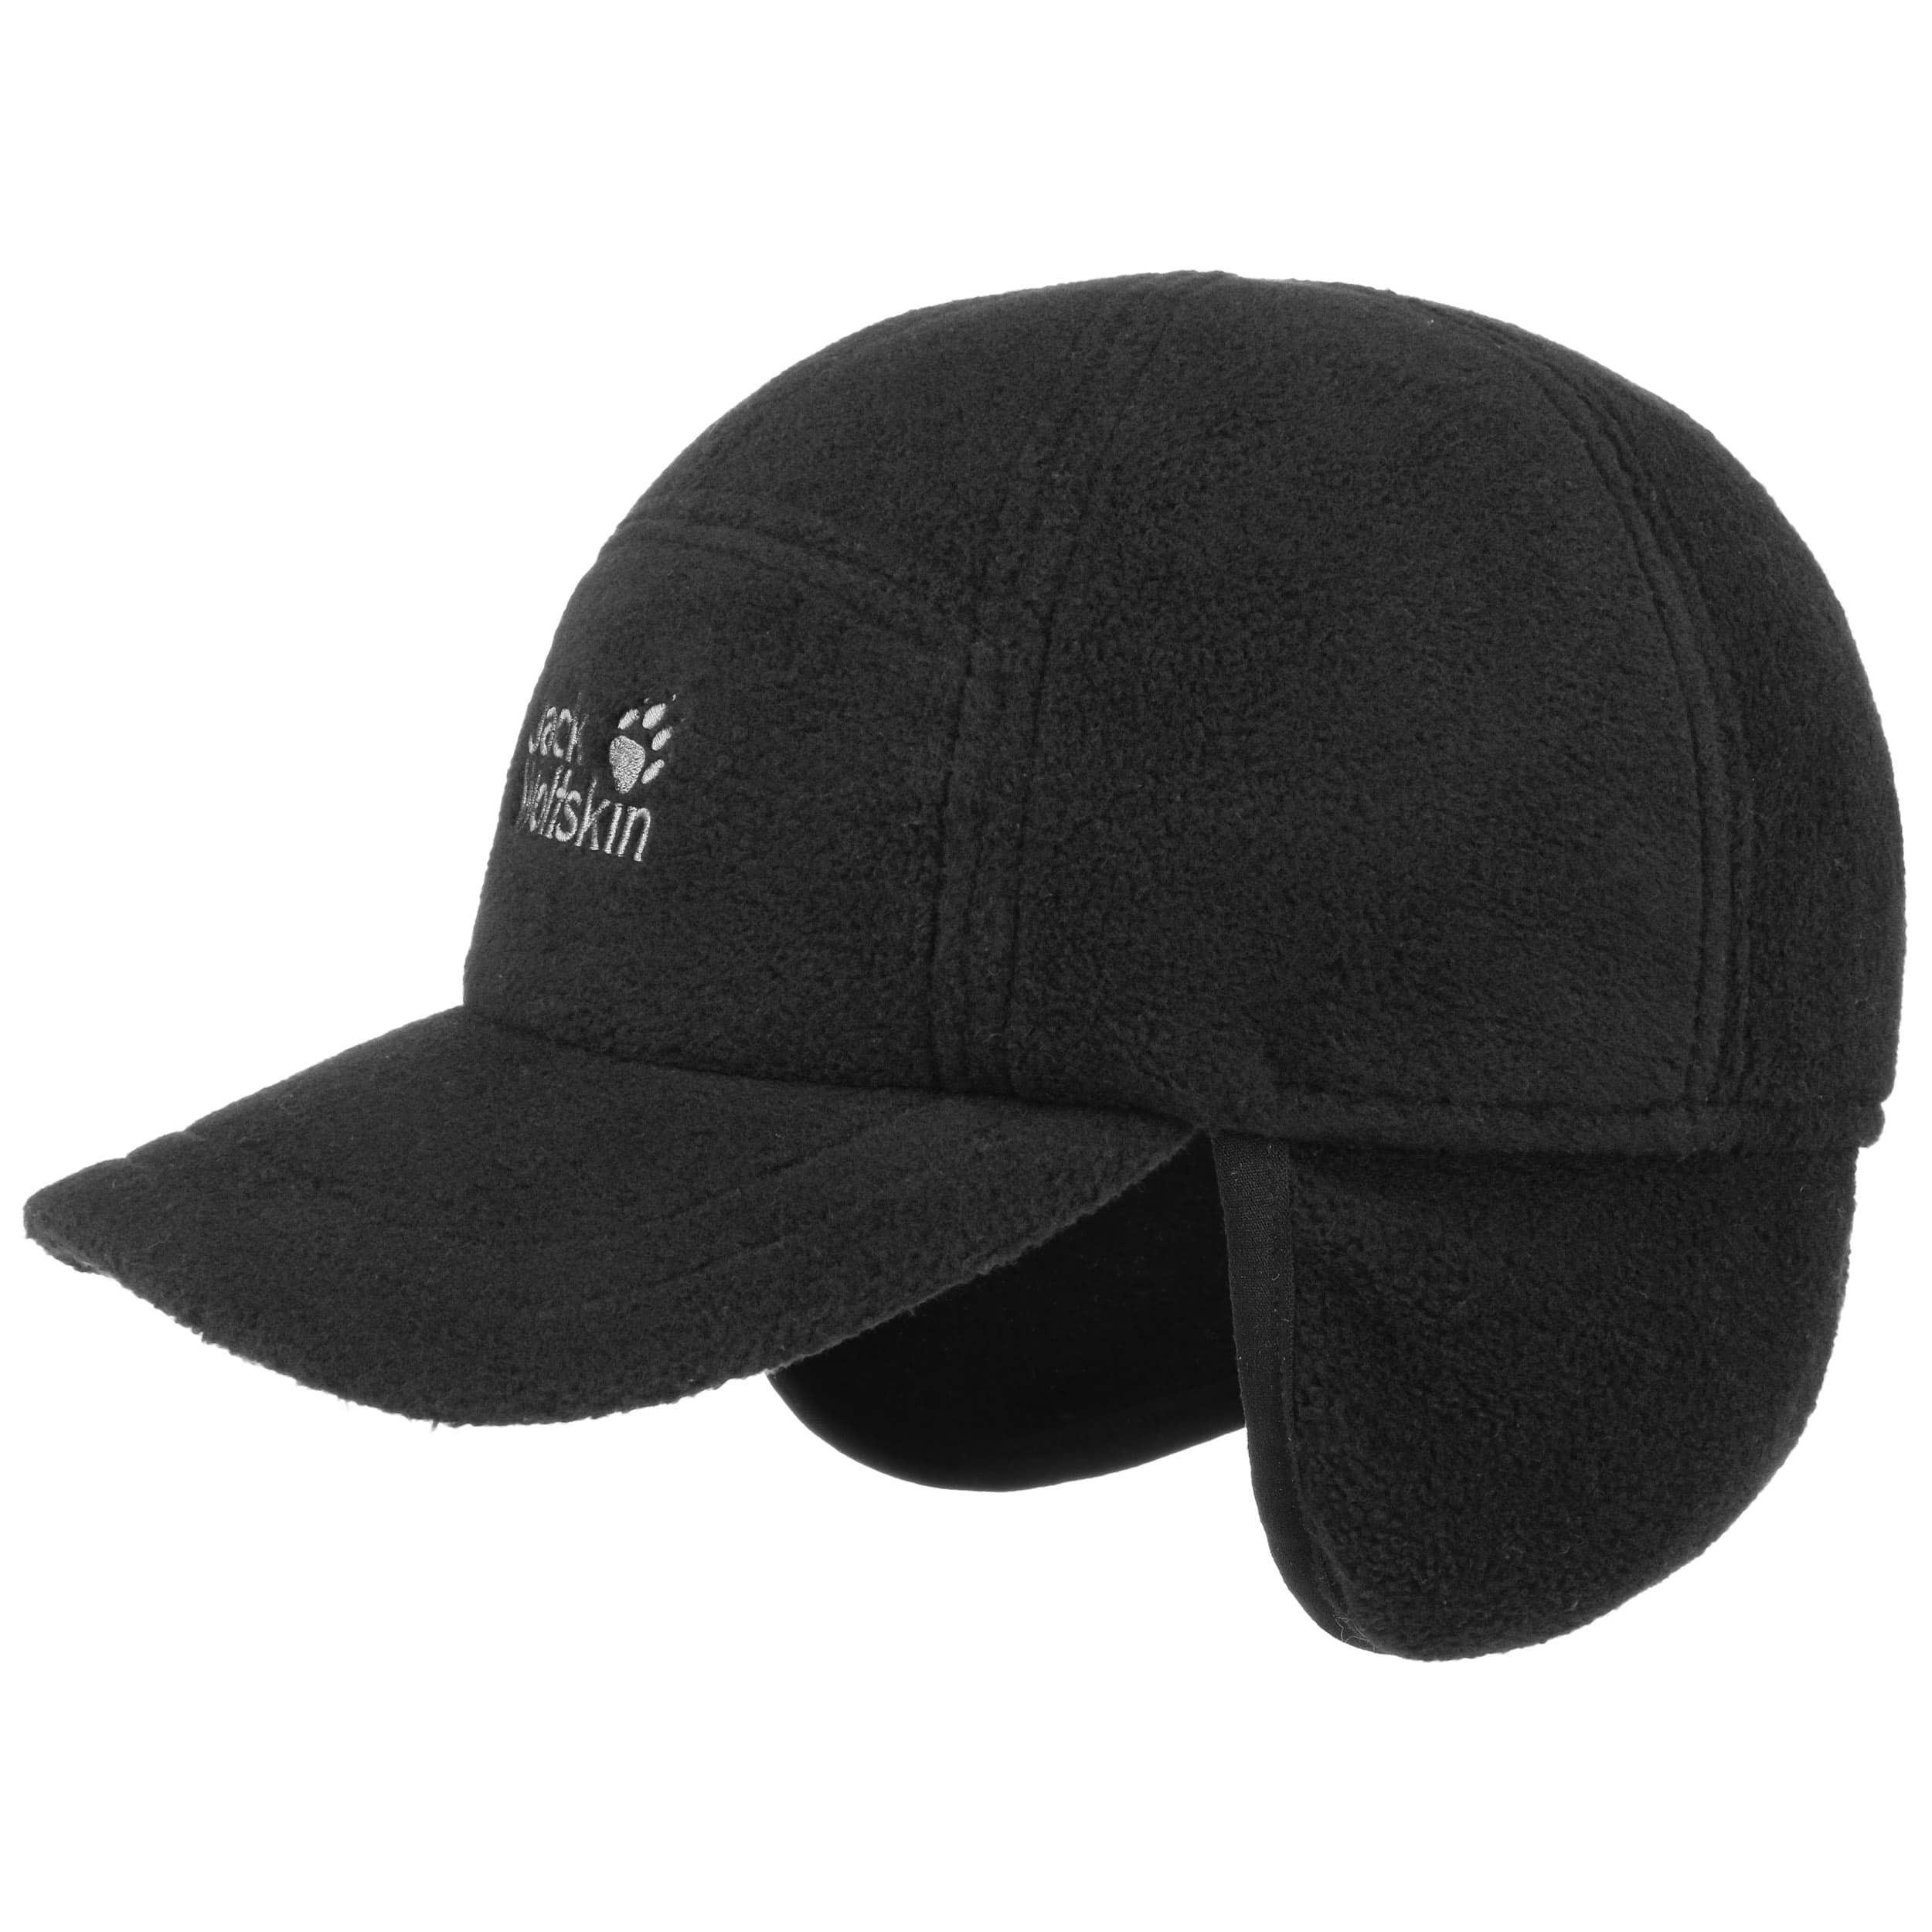 6ef334133a5 casquette polaire cache oreille. Vous voulez voir plus de Casquettes biens  notés par les internautes et pas cher